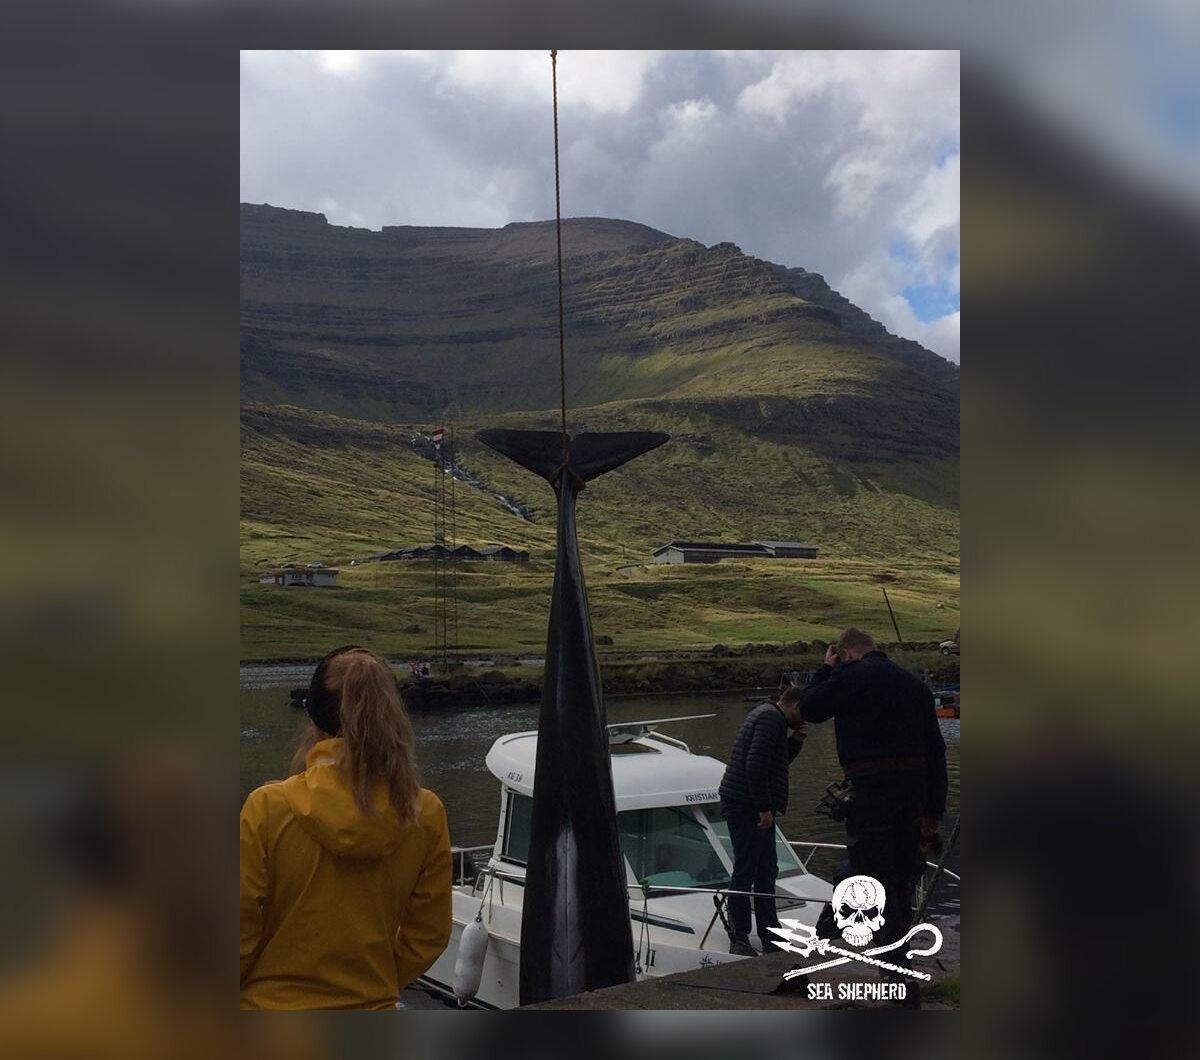 Życie straciło około 80 grindwali i 13 delfinów